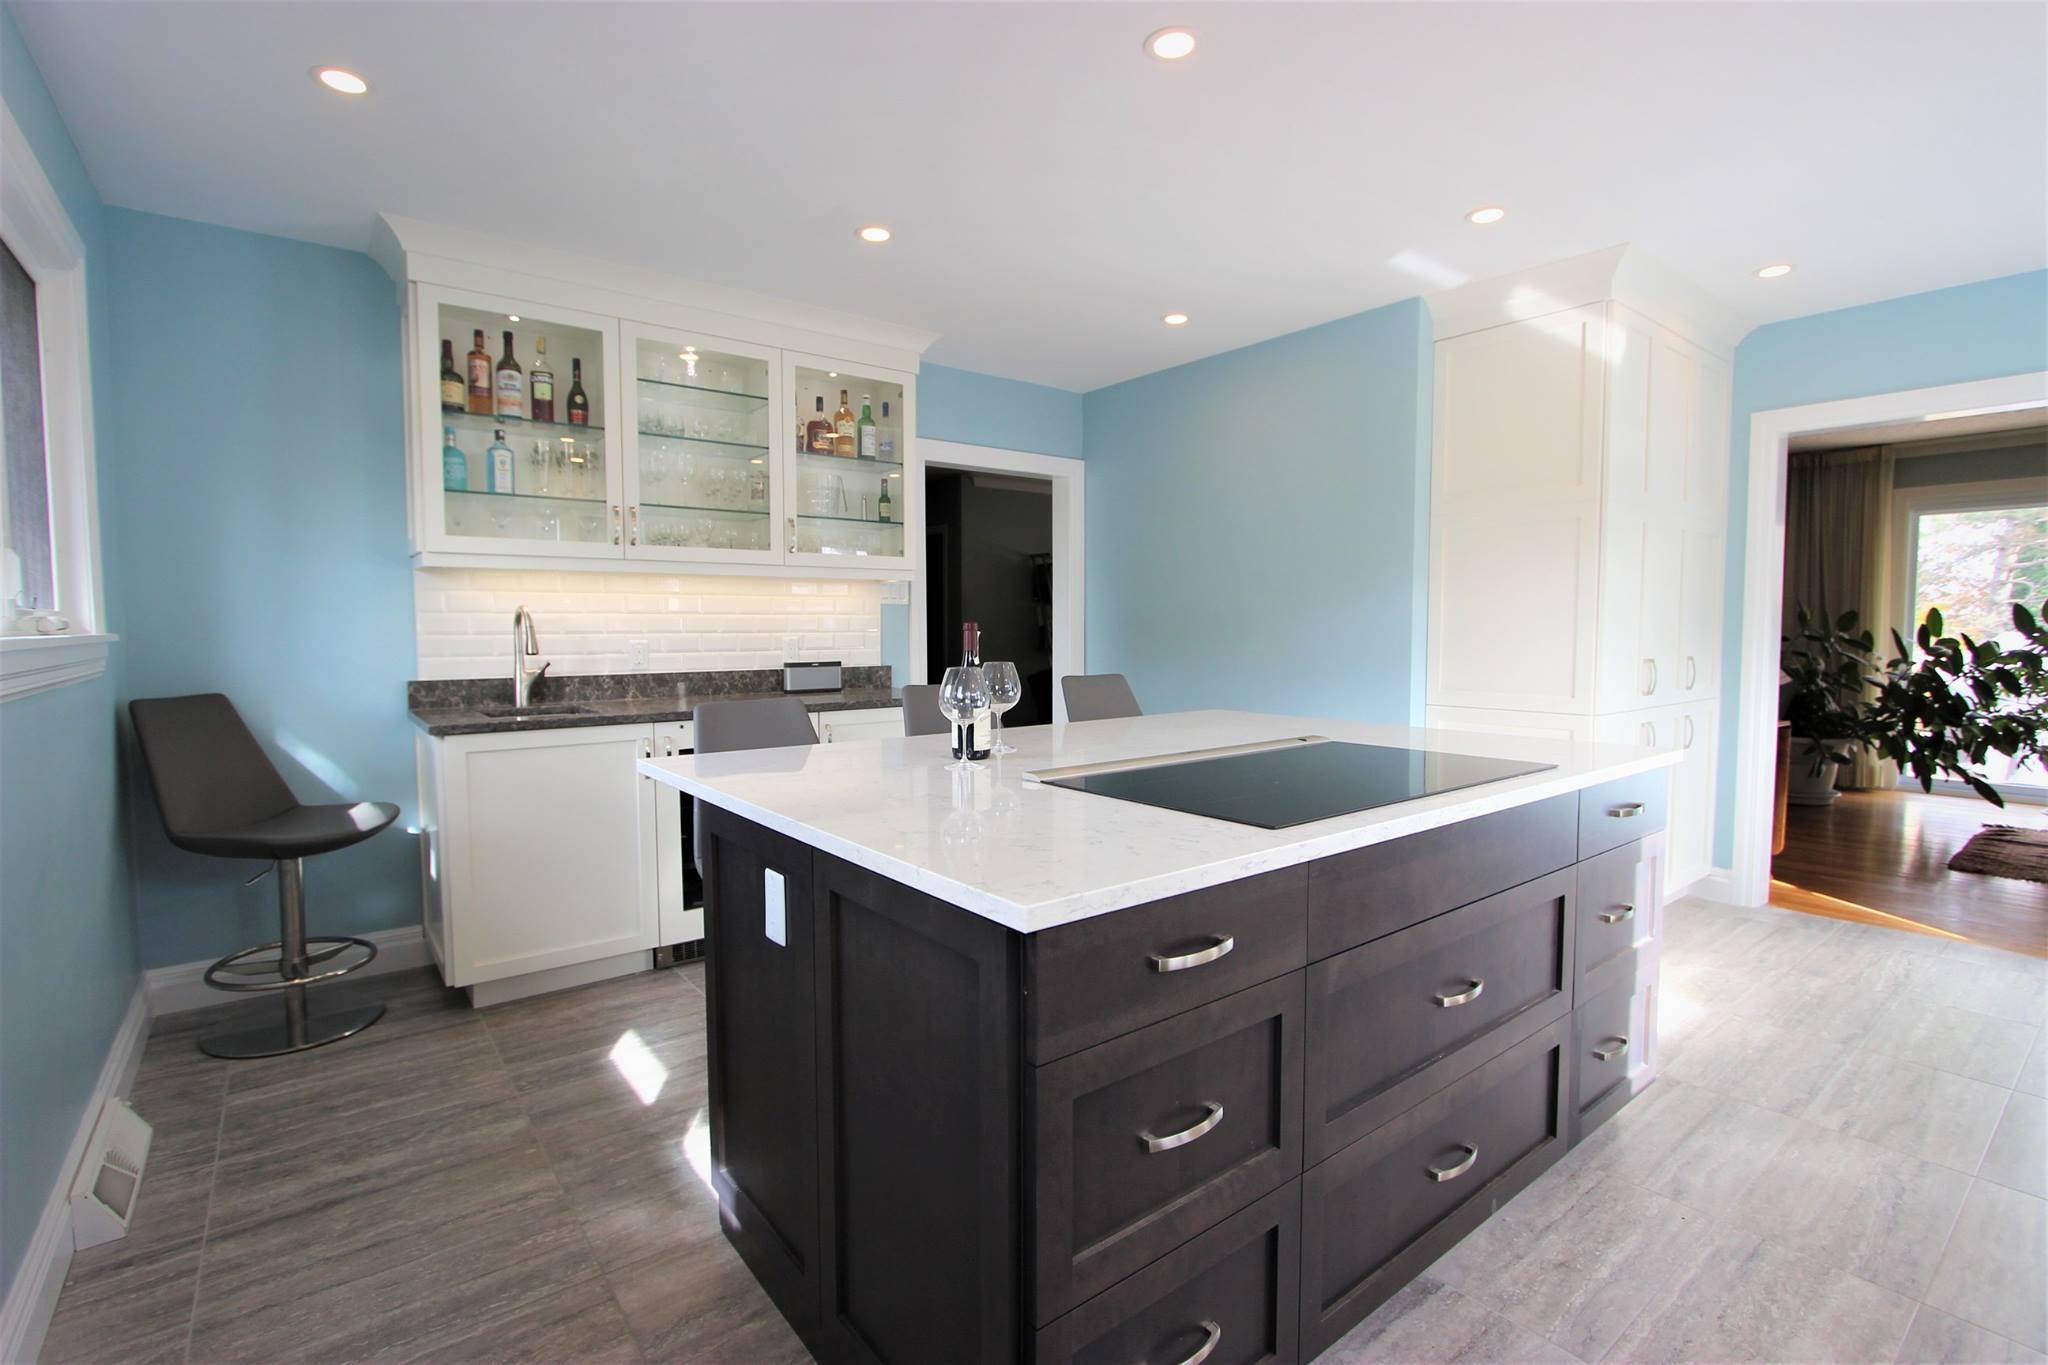 Kitchen Design Halifax | KDP Kitchen Design Plus